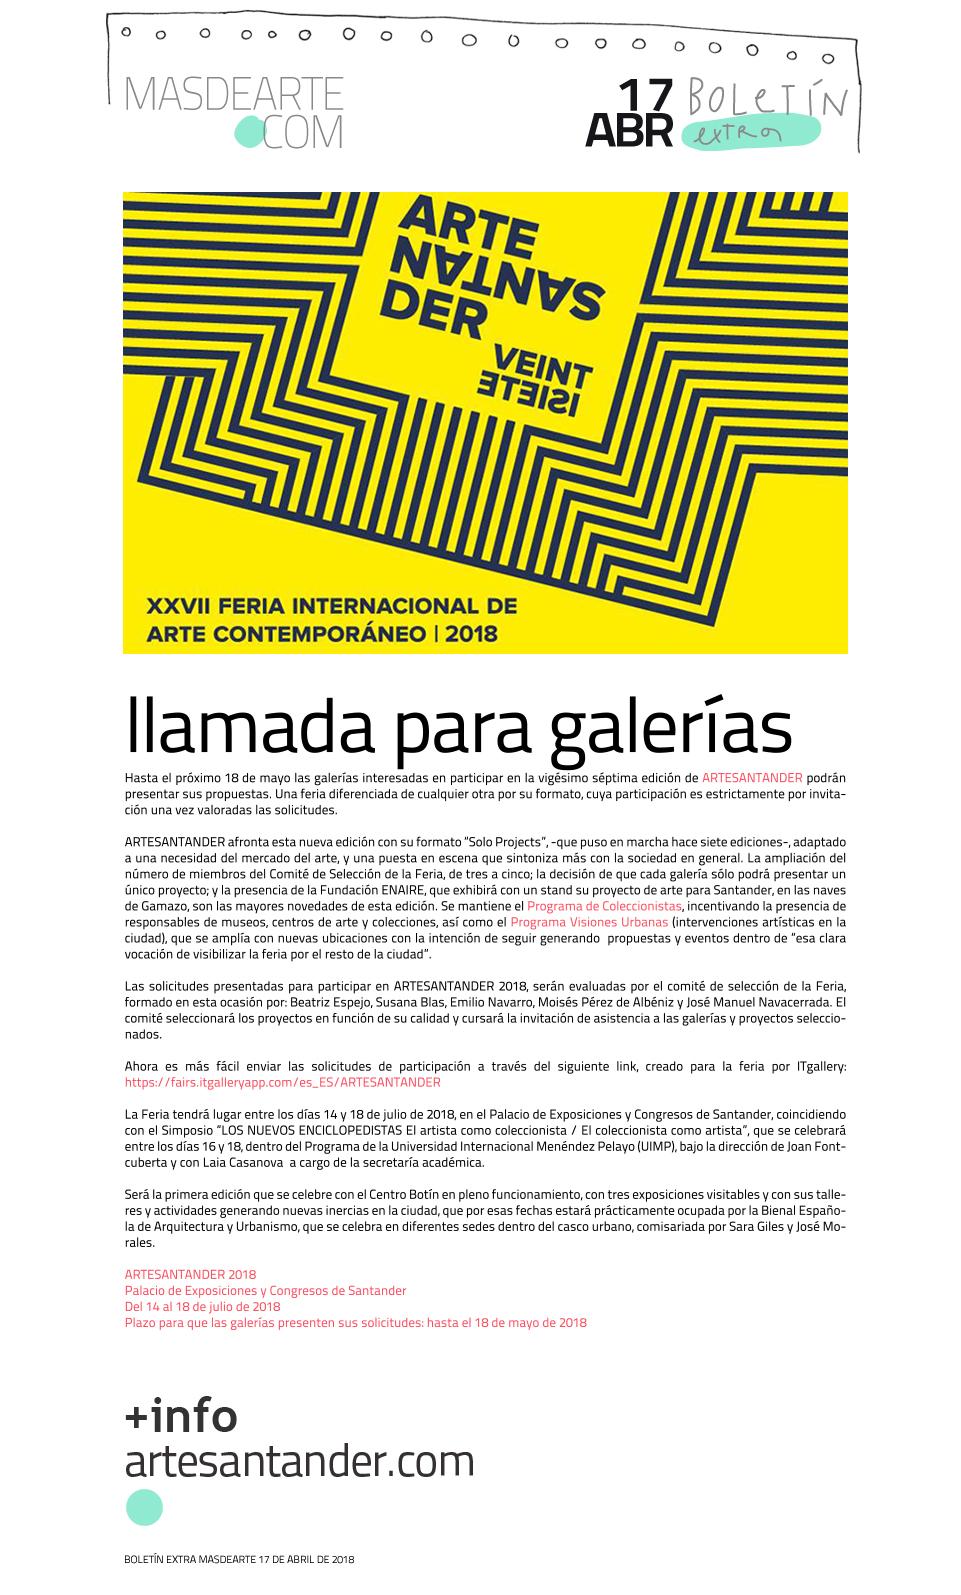 Extra masdearte: abierta la convocatoria para galerías  que quieran participar en ARTESANTANDER 2018